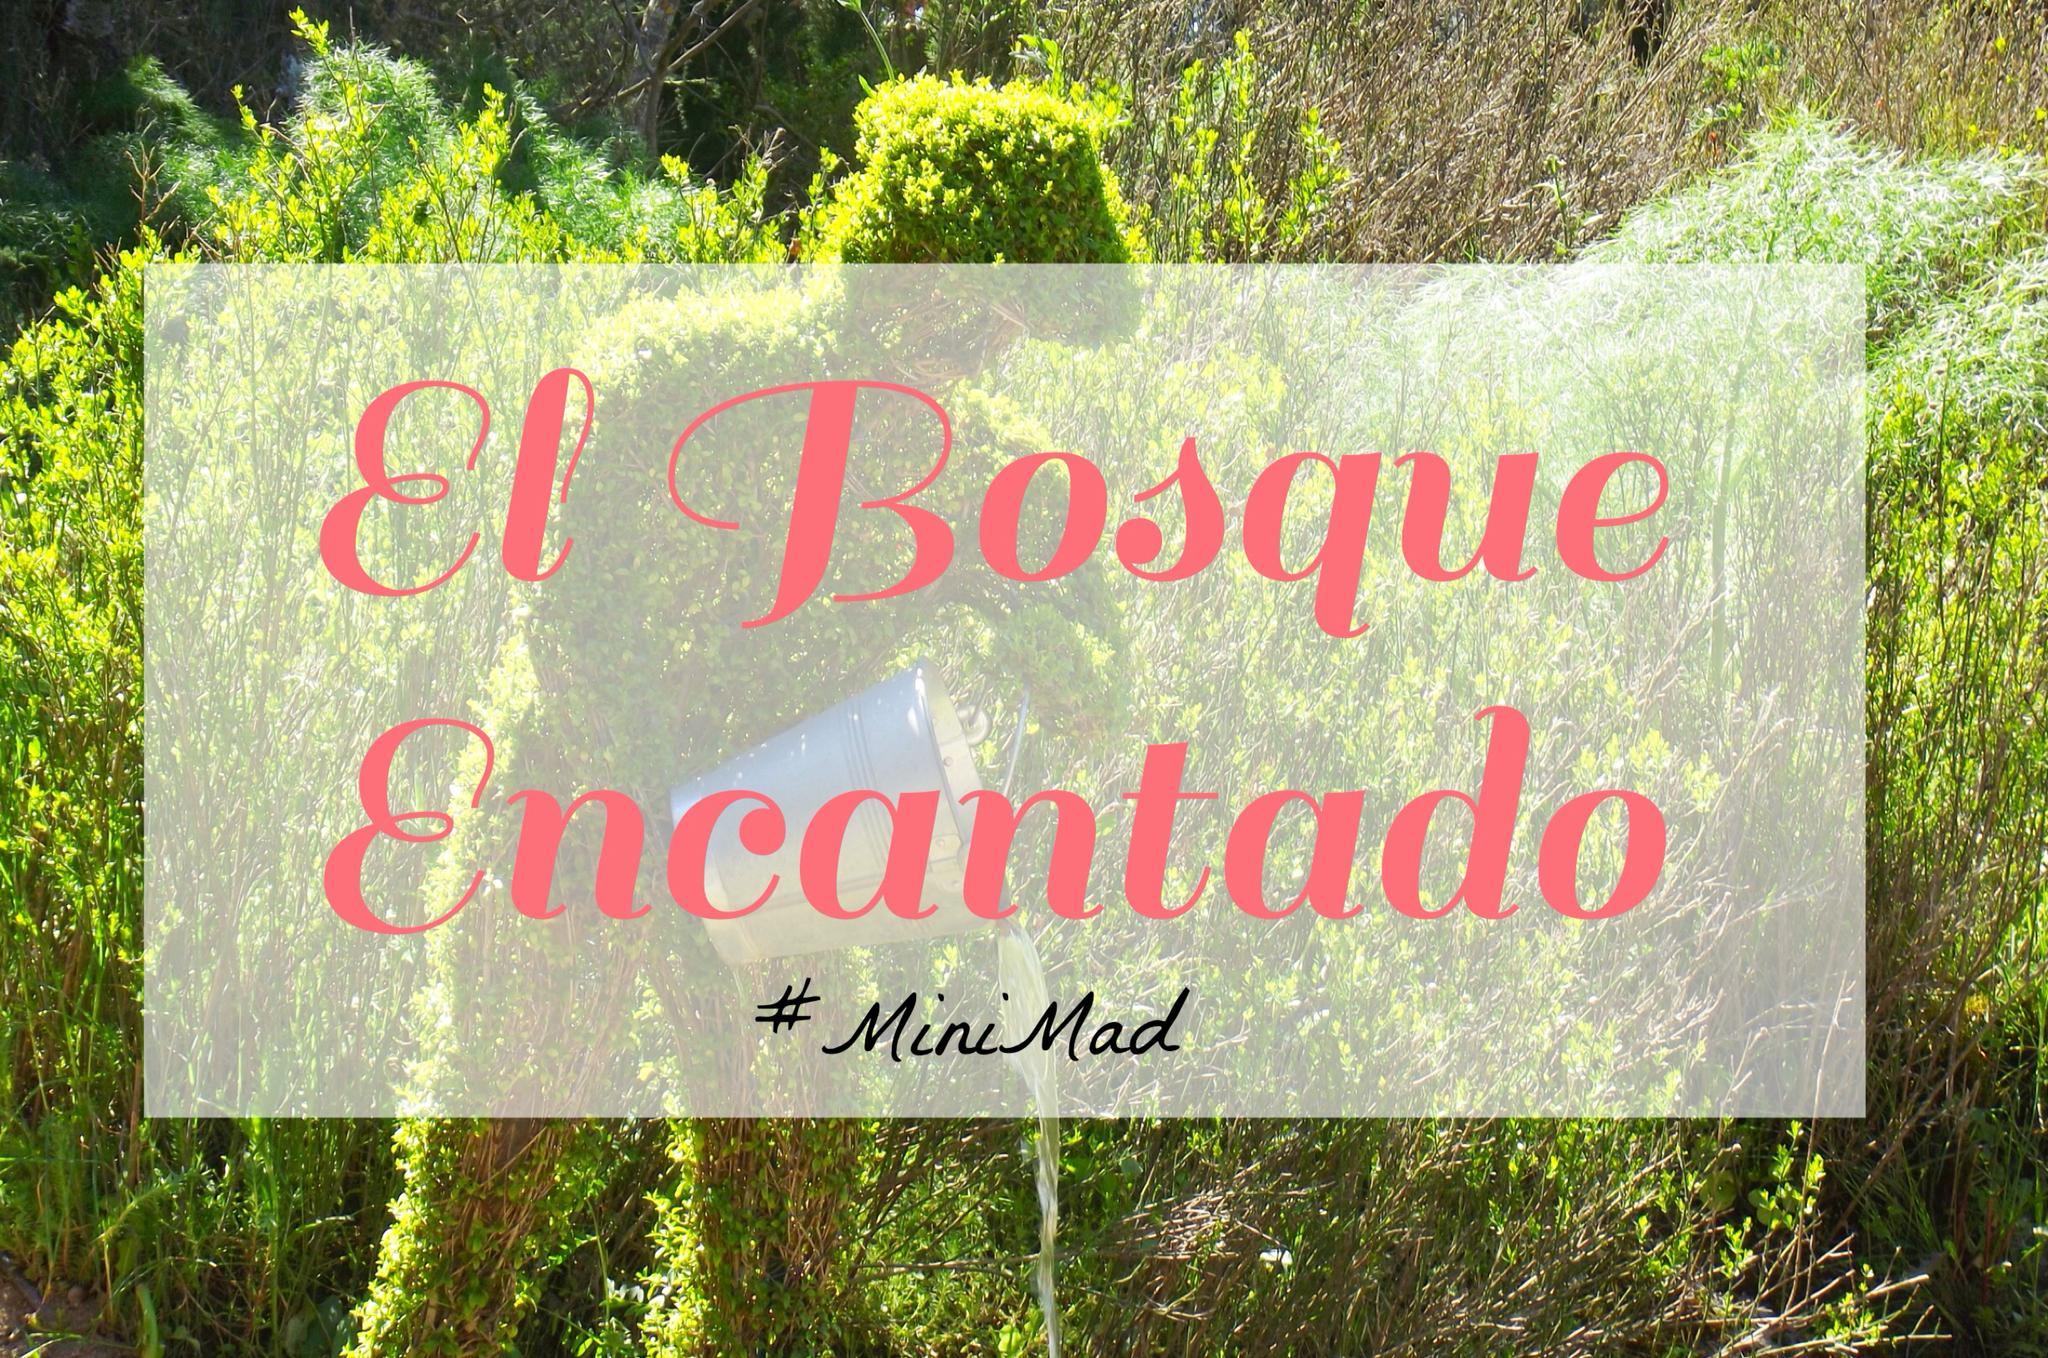 El bosque encantado minimad gololo y toin blog de for El jardin encantado madrid